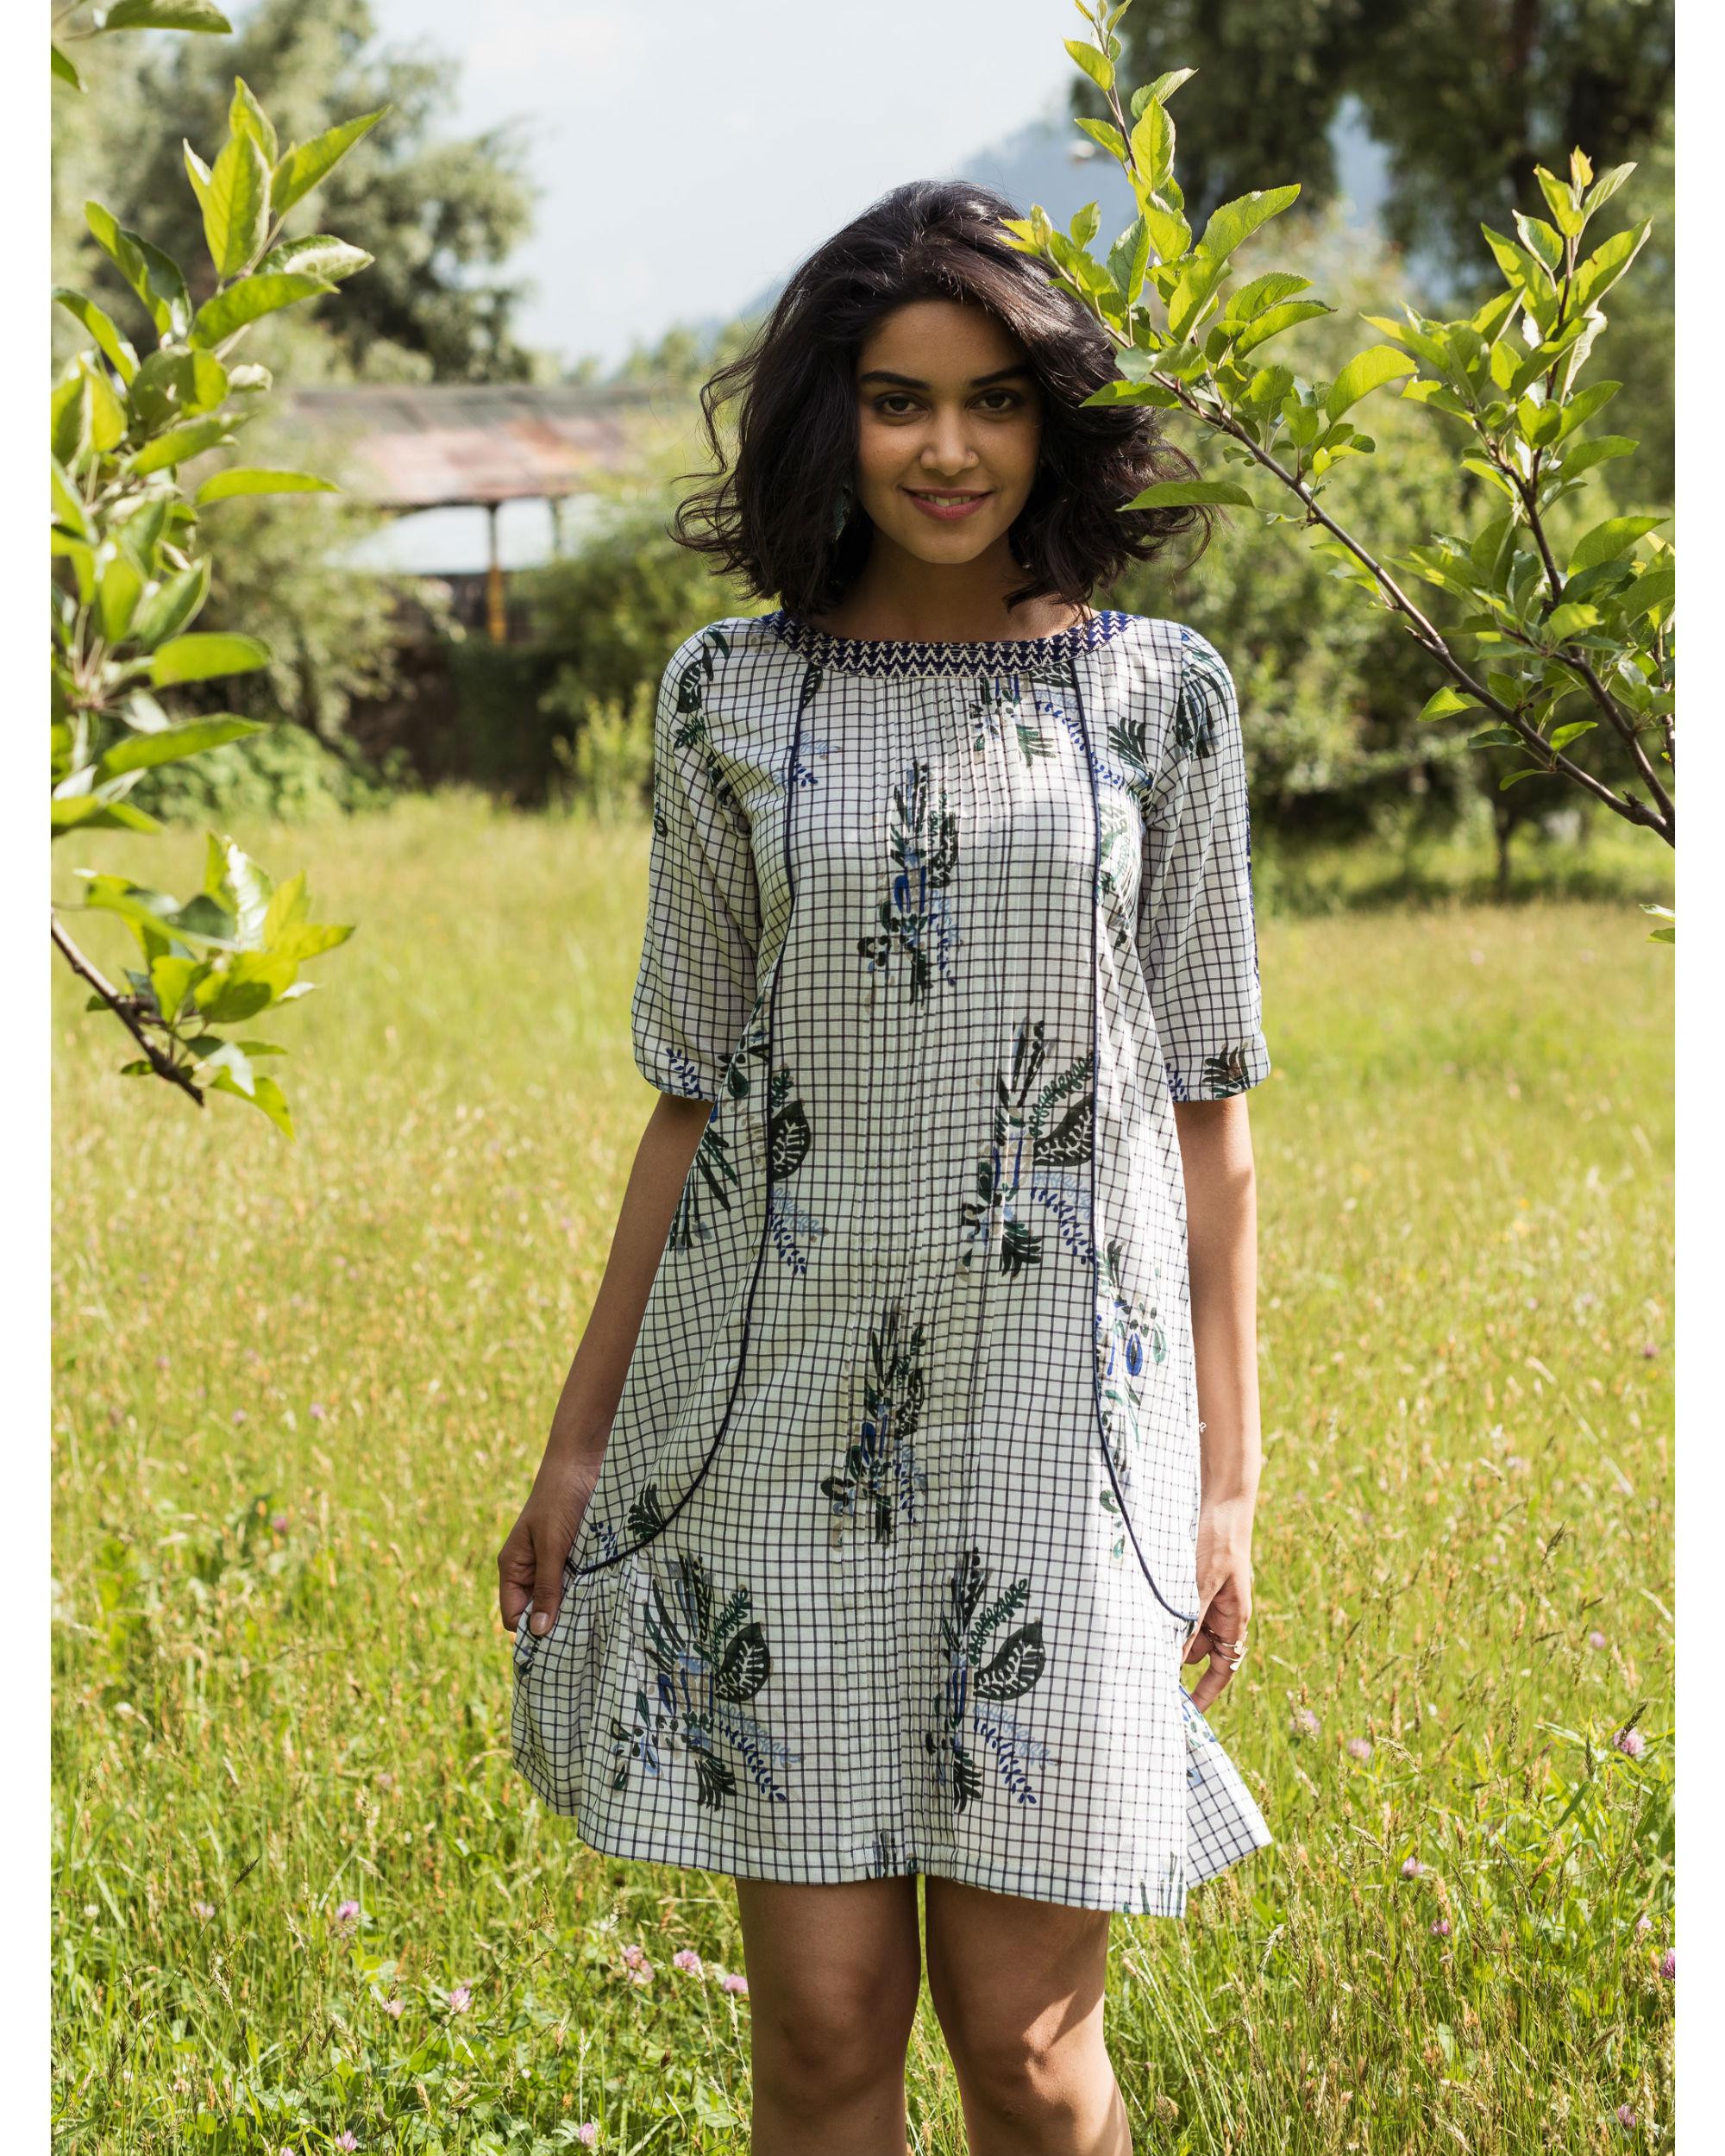 Rainforest checkered tennis dress